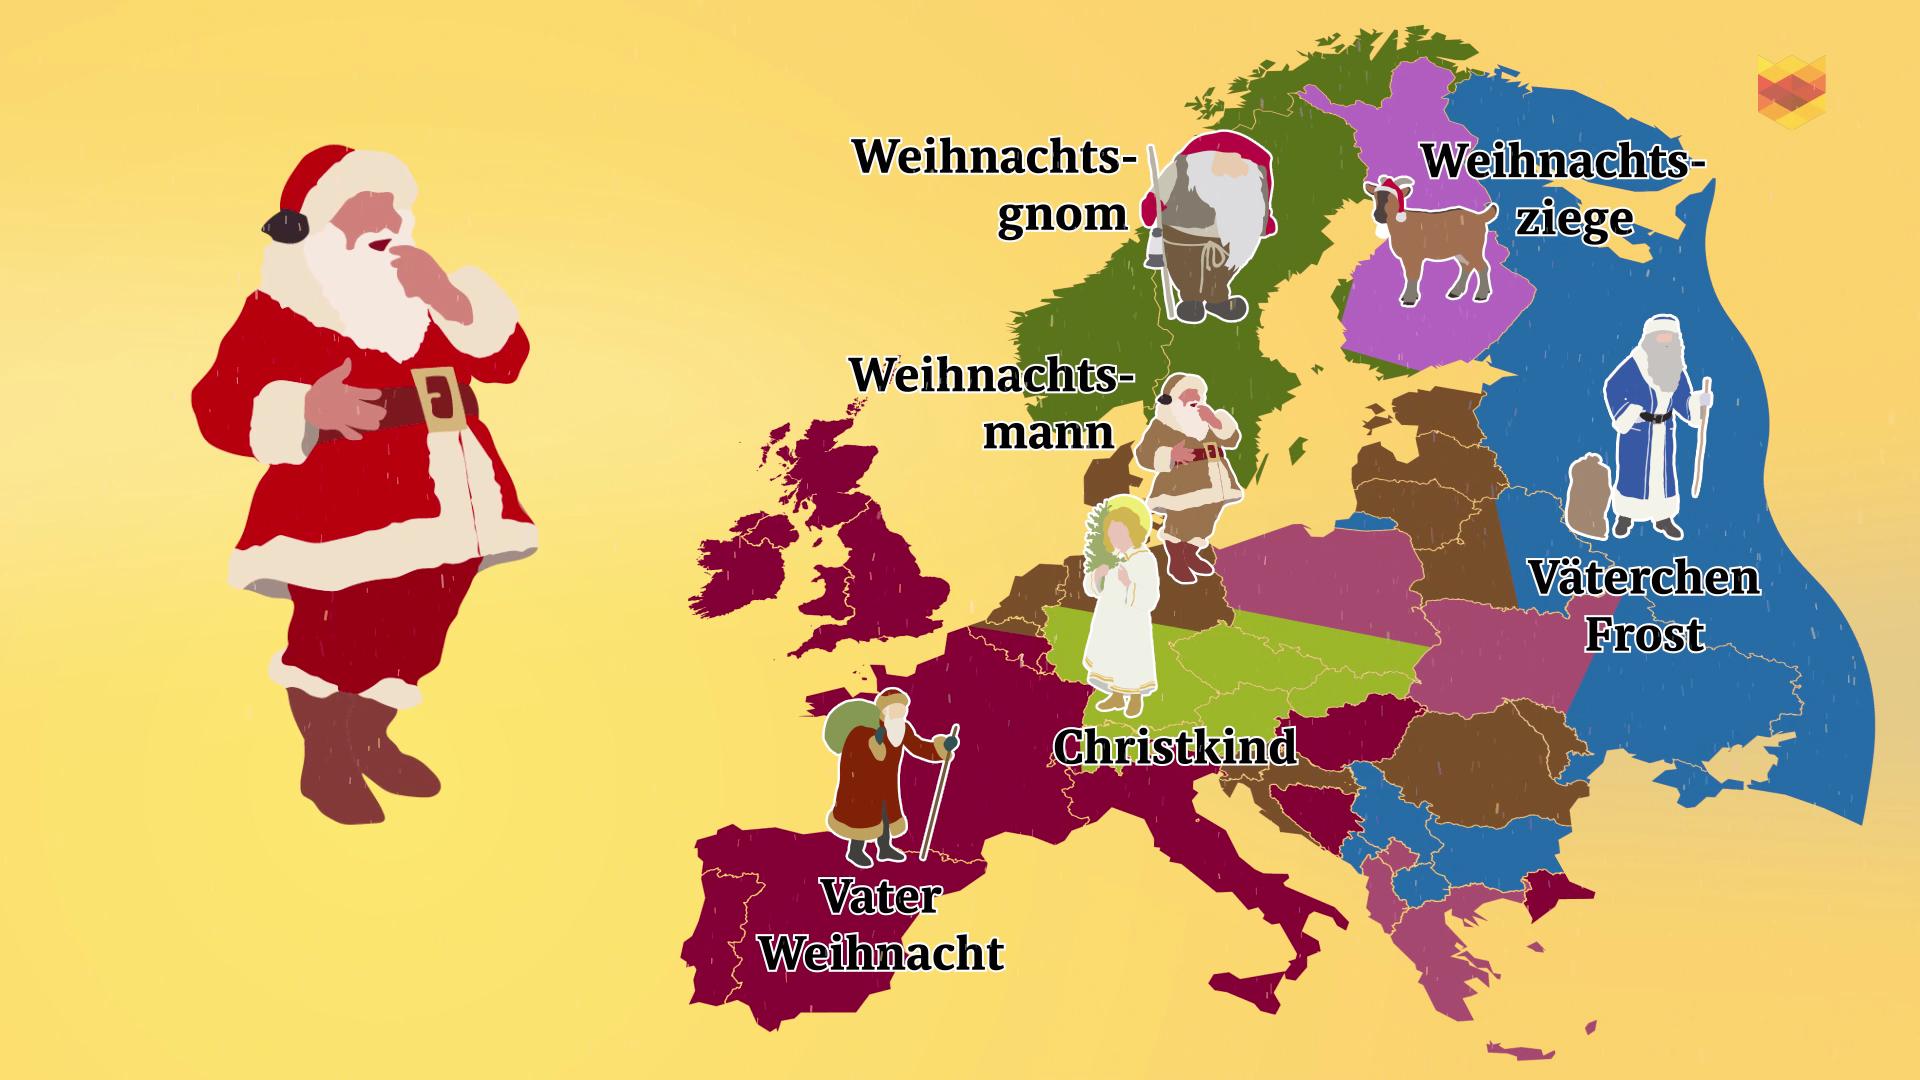 Kurz erklärt: Wo kommt der Nikolaus und wo kommt der Weihnachtsgnom?